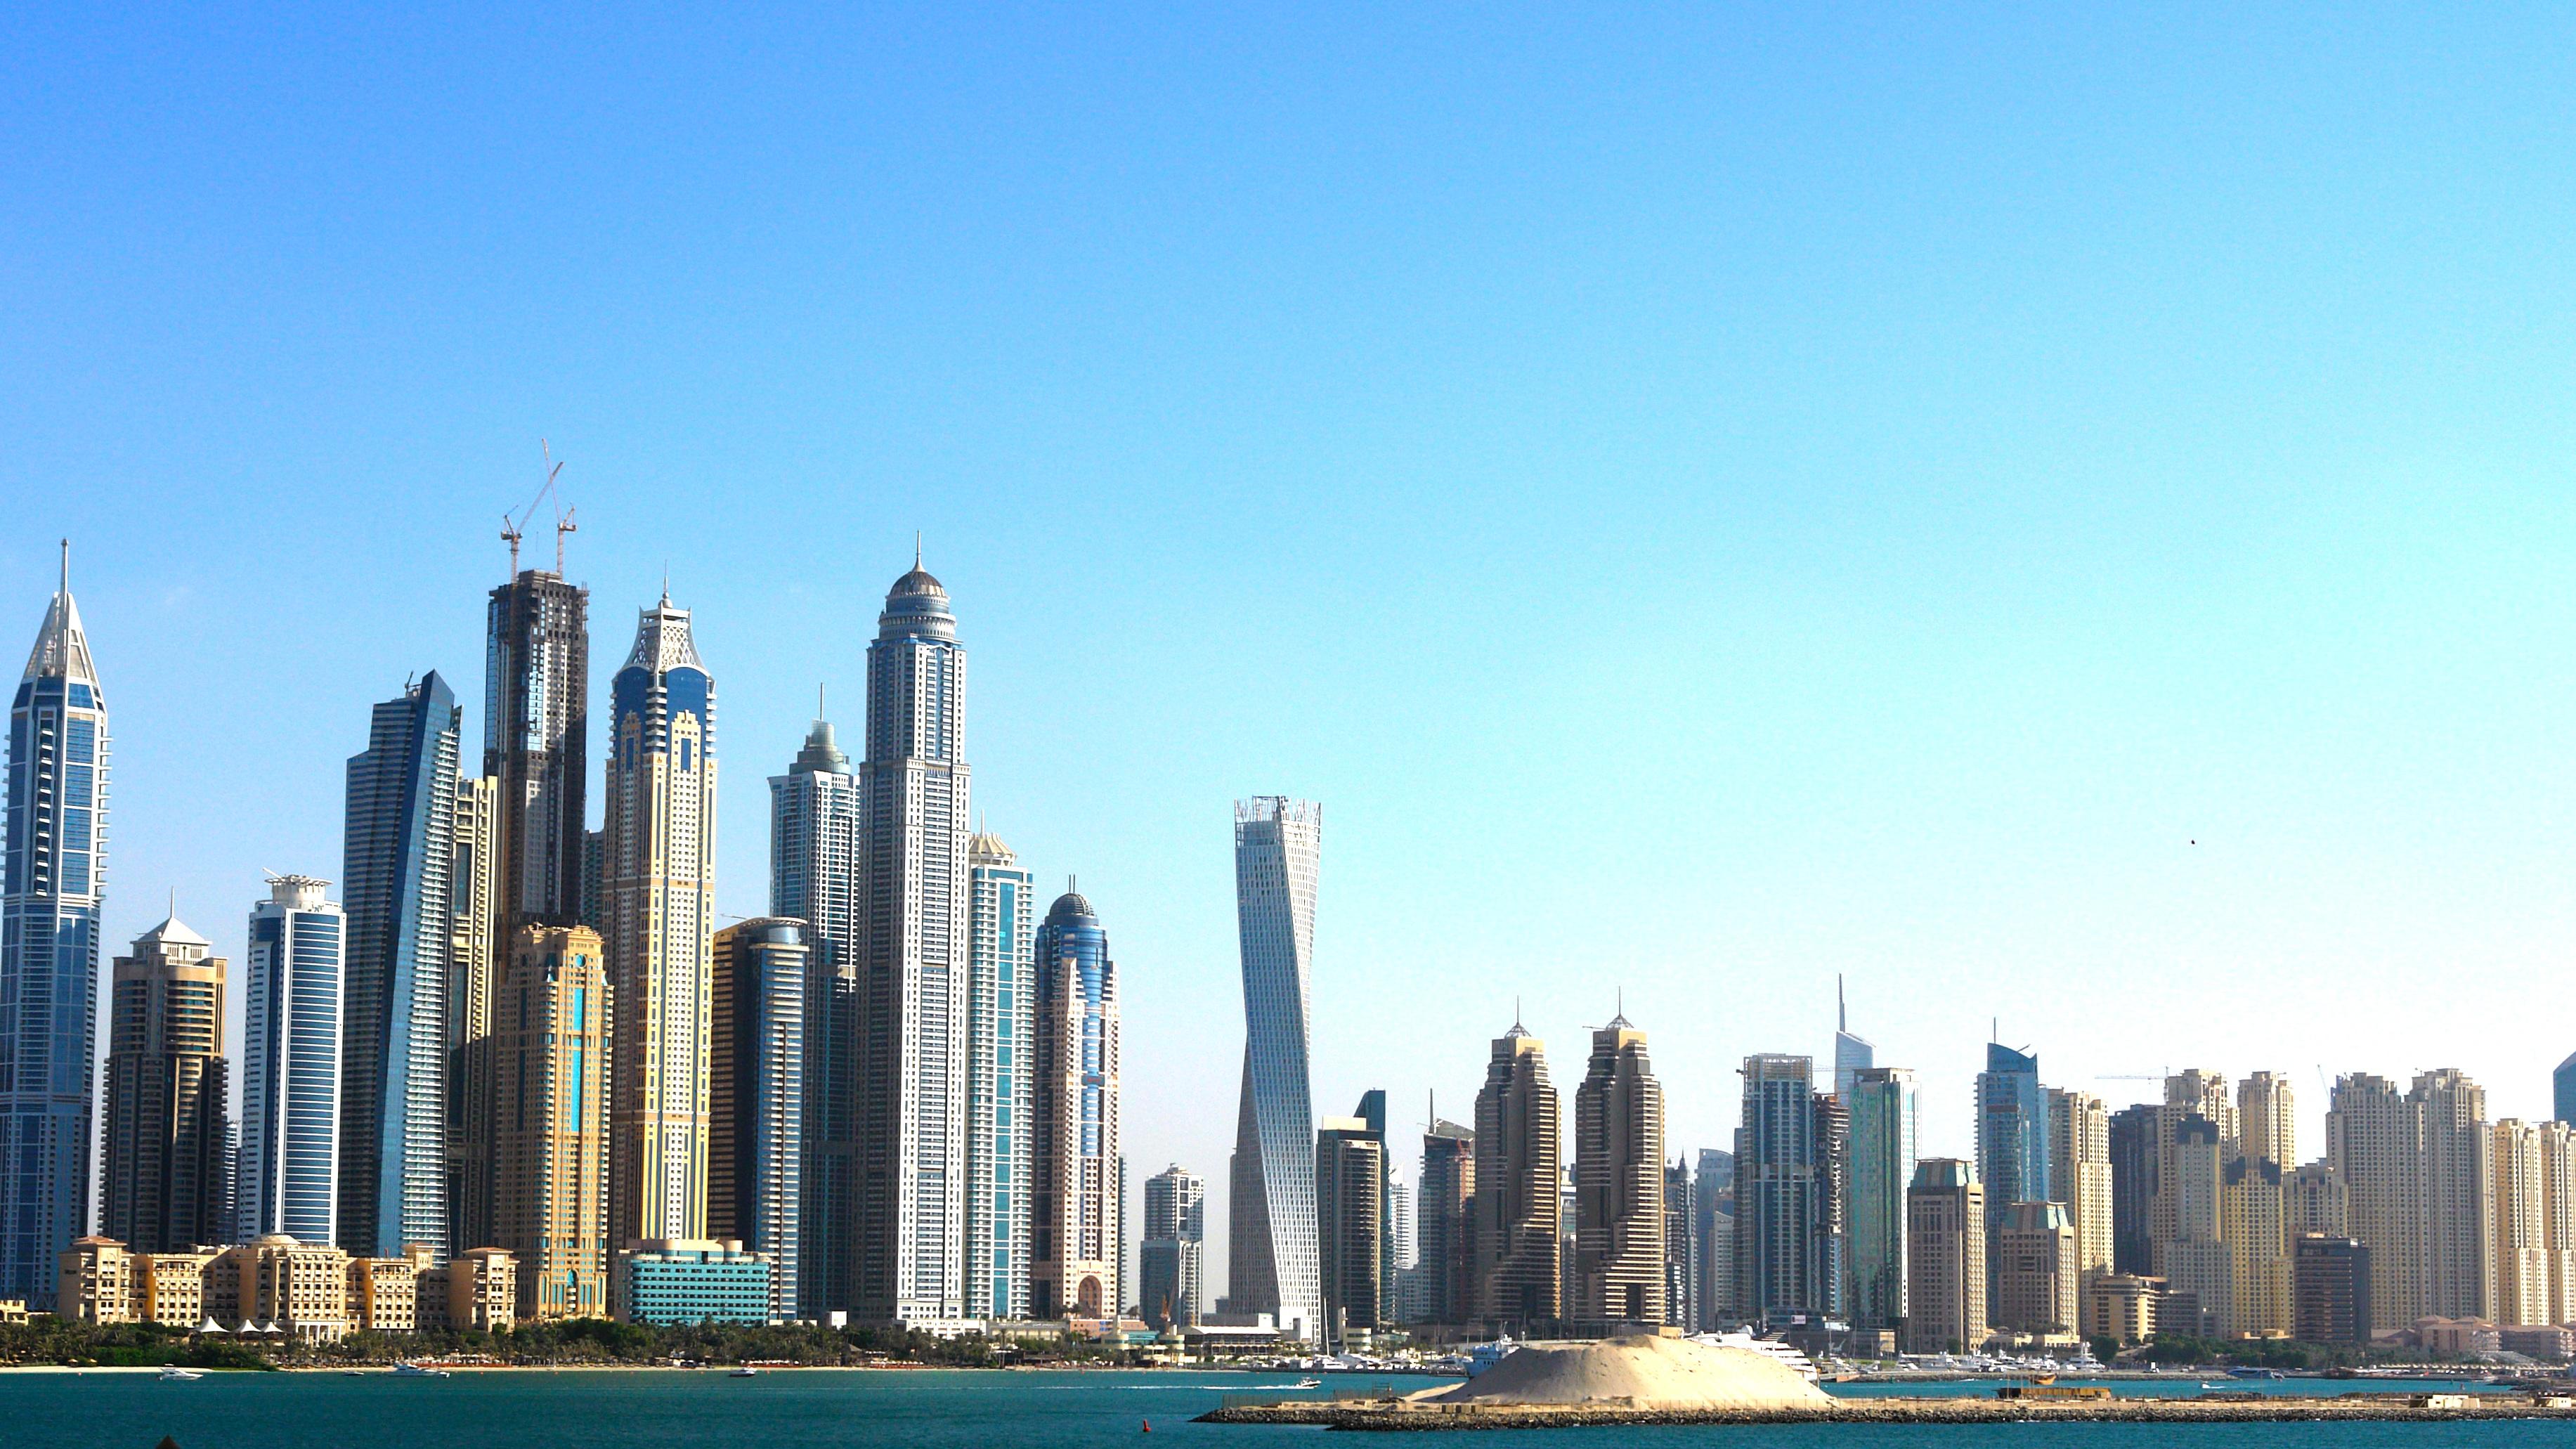 horizonte horizonte ciudad rascacielos paisaje urbano centro de la ciudad torre dubai punto de referencia